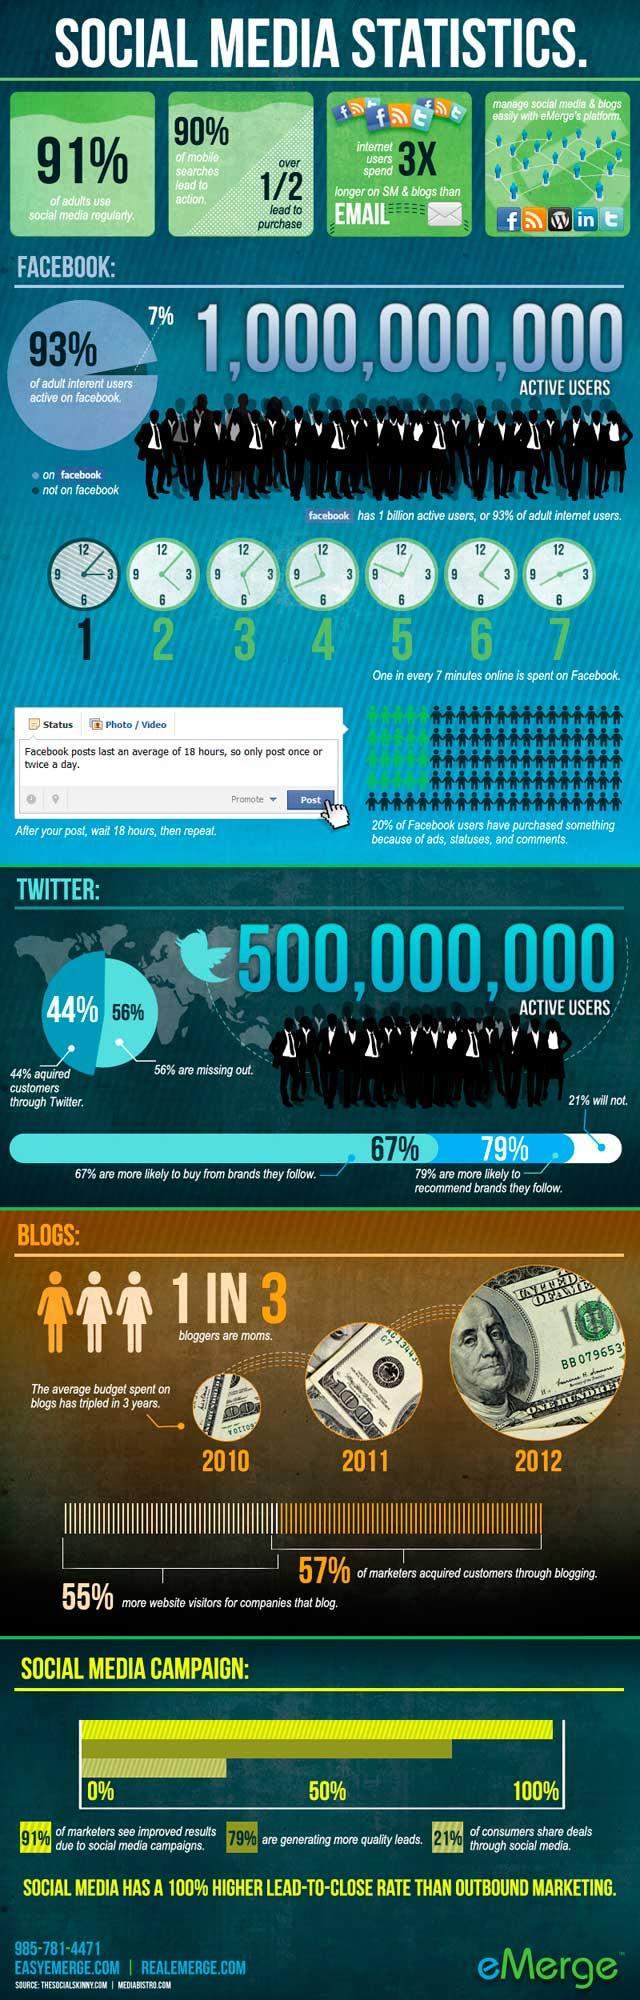 social-media-statistics_51ee9696a317e1